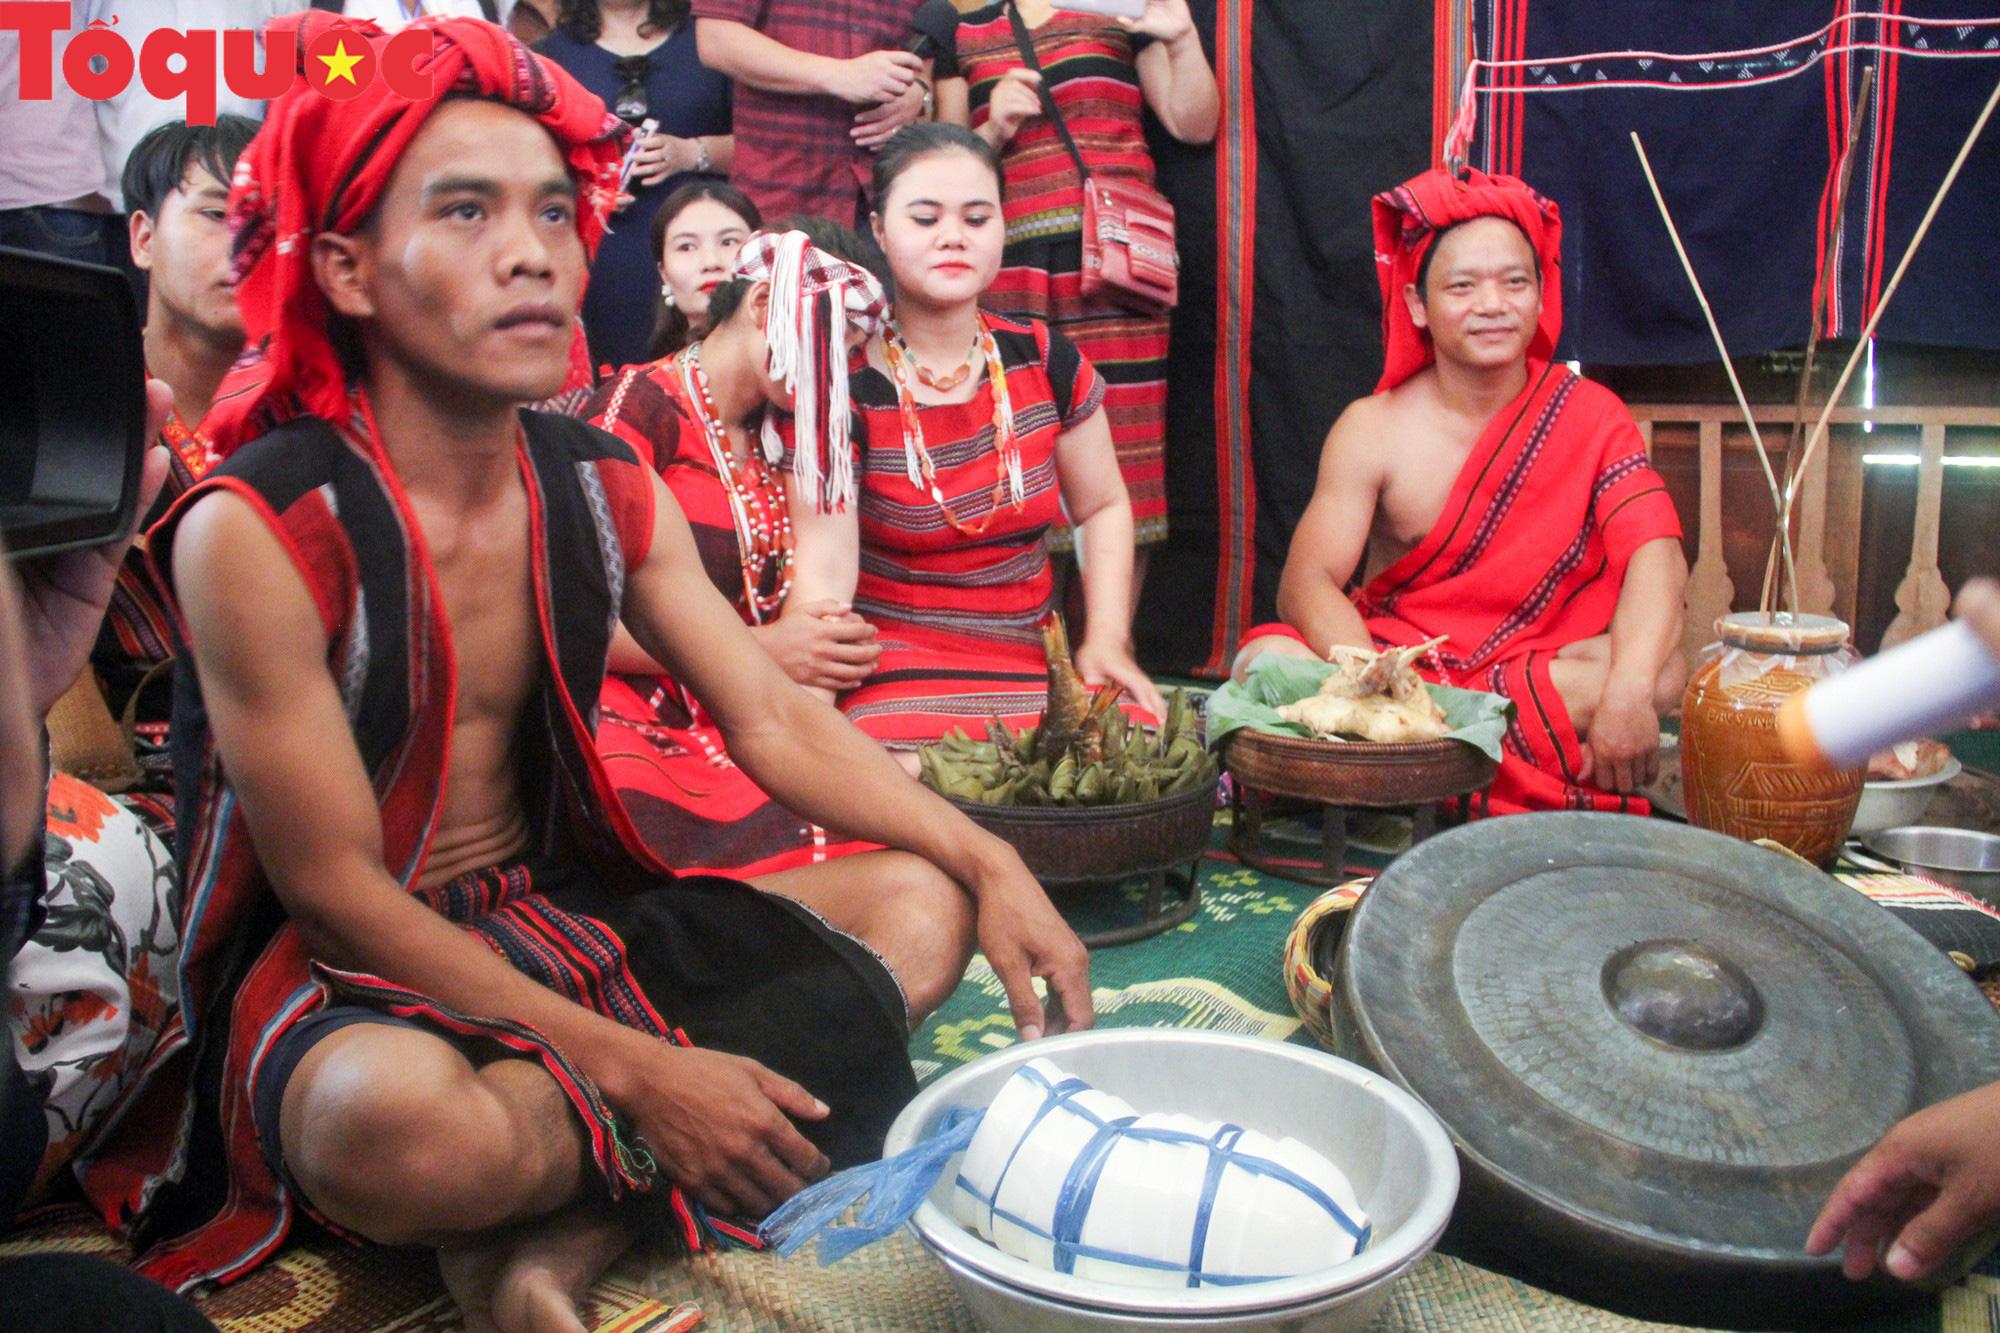 Độc đáo lễ cưới của người Pa Cô - Ảnh 11.